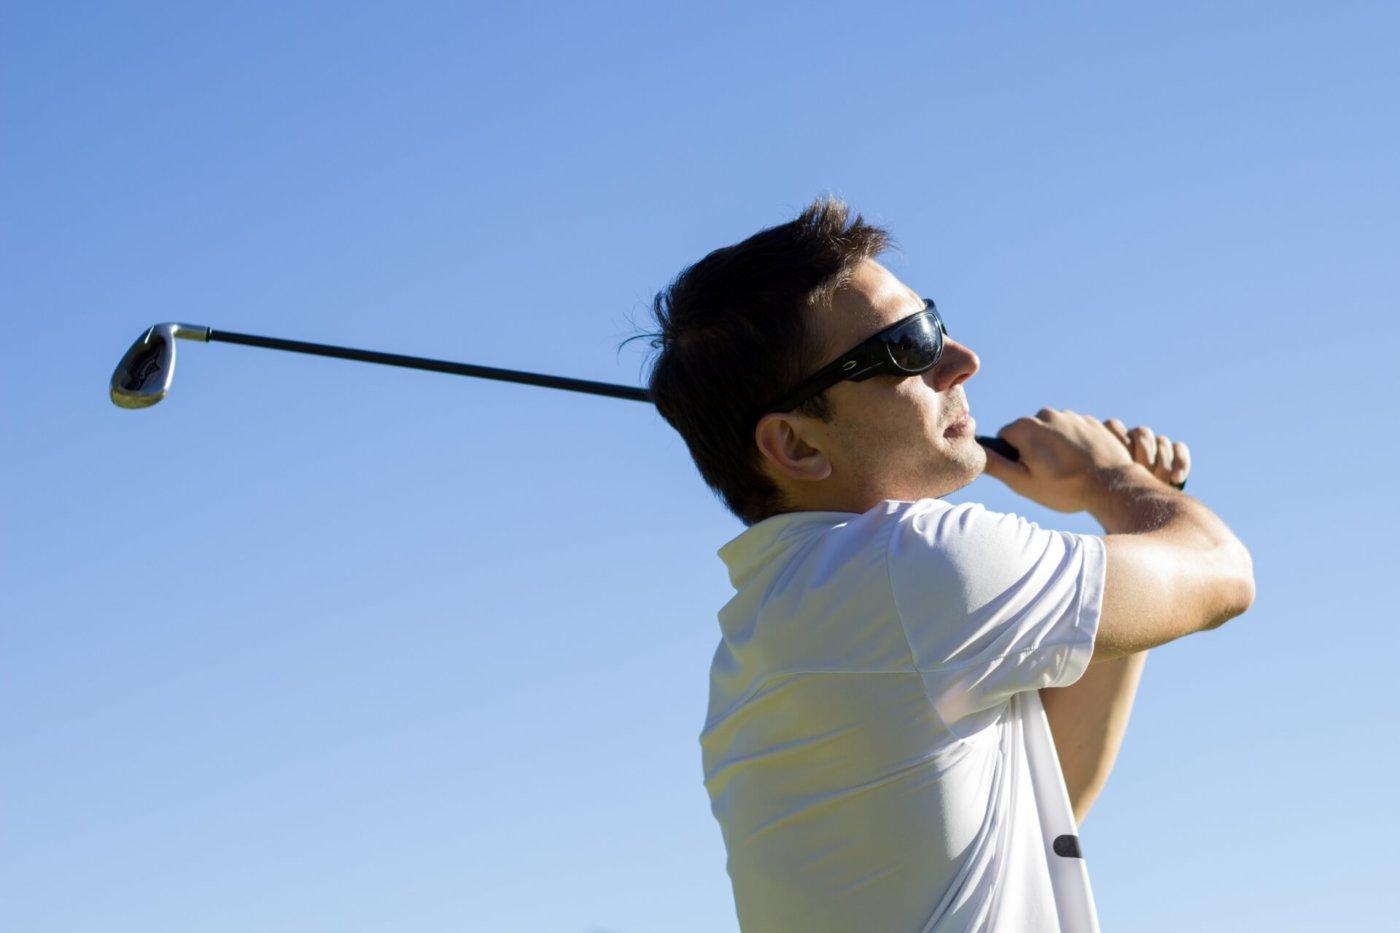 ゴルフのサングラスはどう選んだら良い?